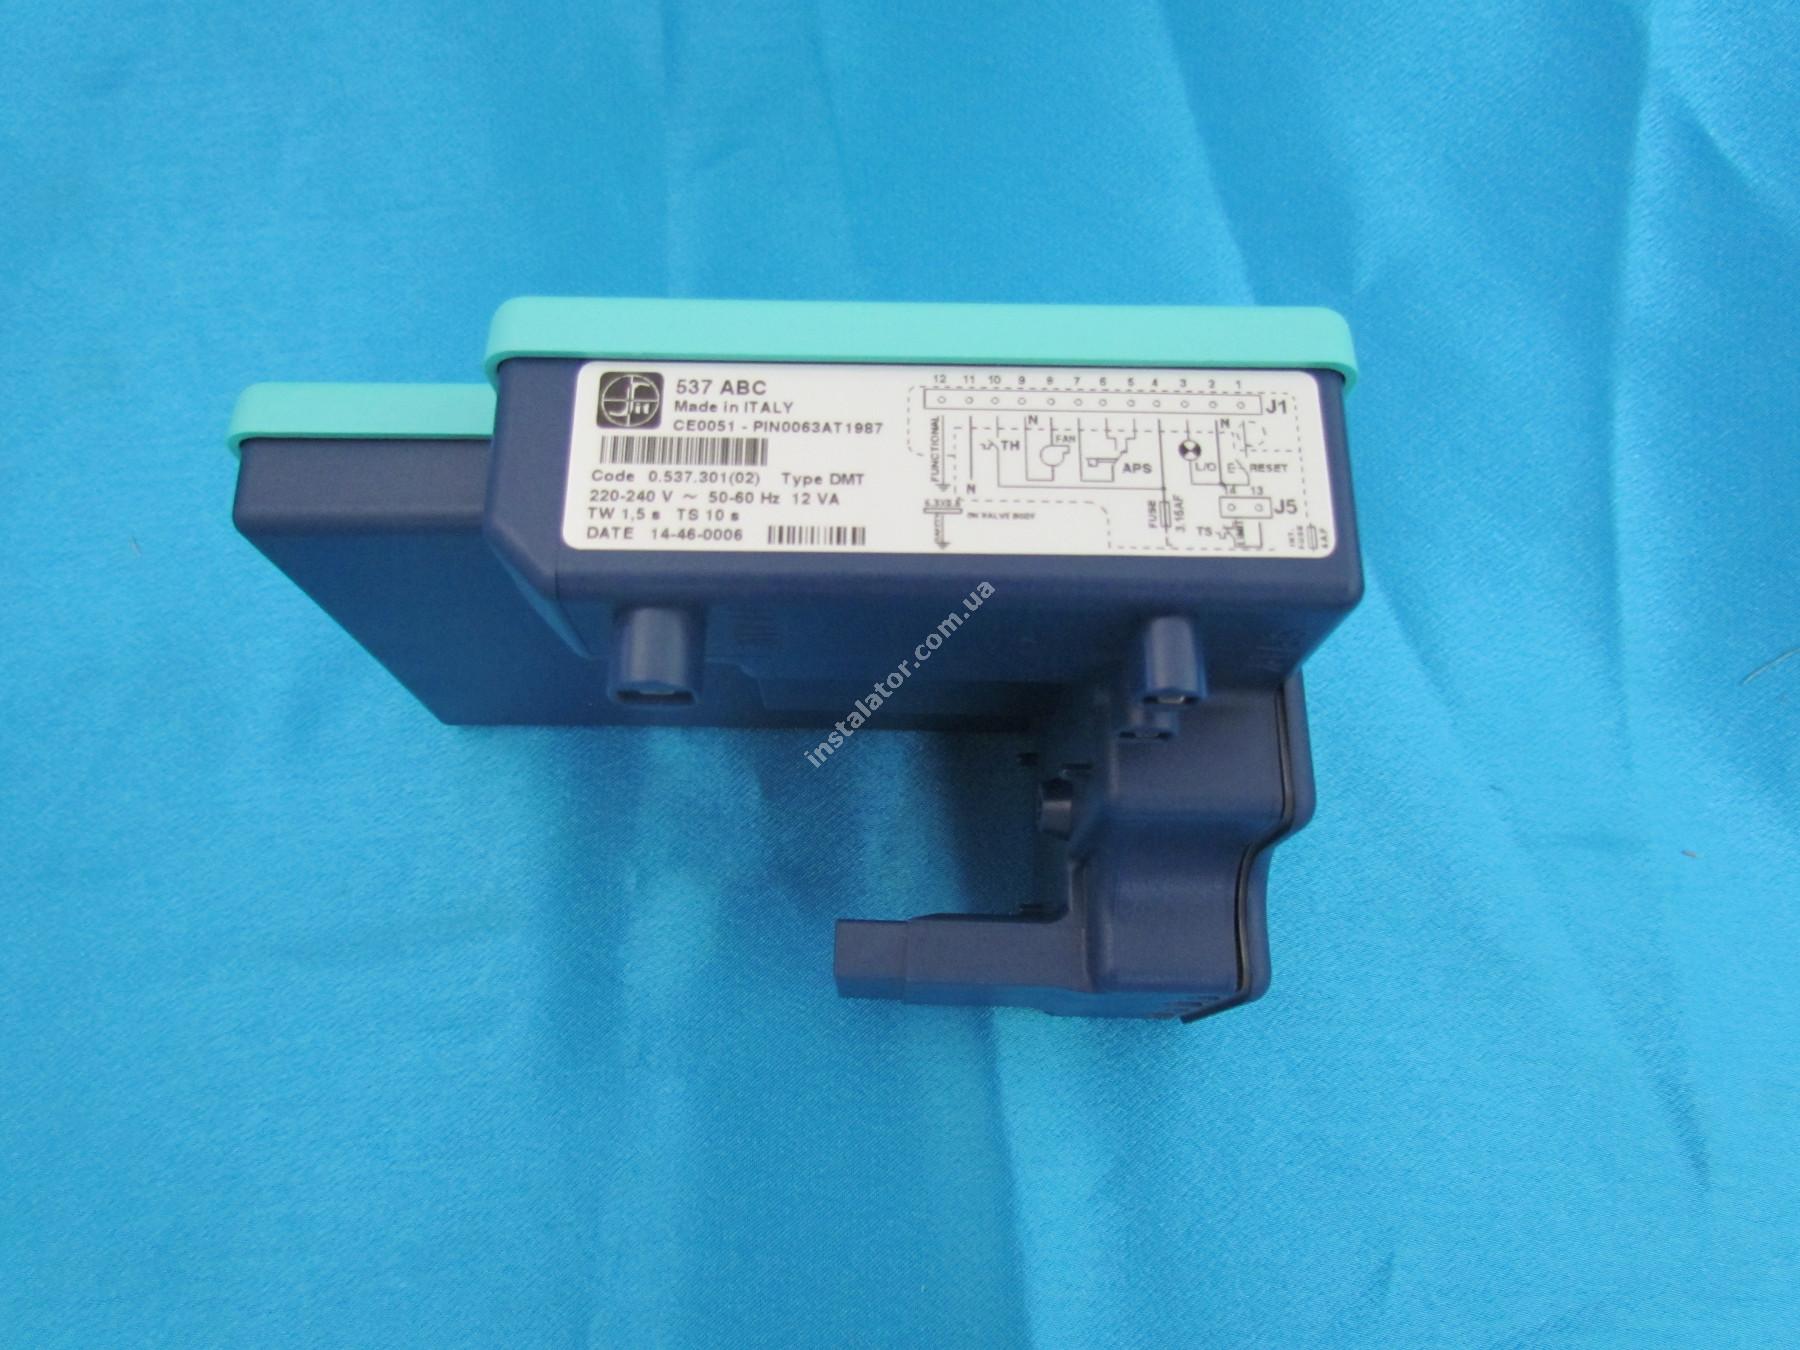 0.537.301(52002490) Плата розпалу SIT 537 ABC  для газових клапанів SIGMA 840, 845, 848 full-image-0